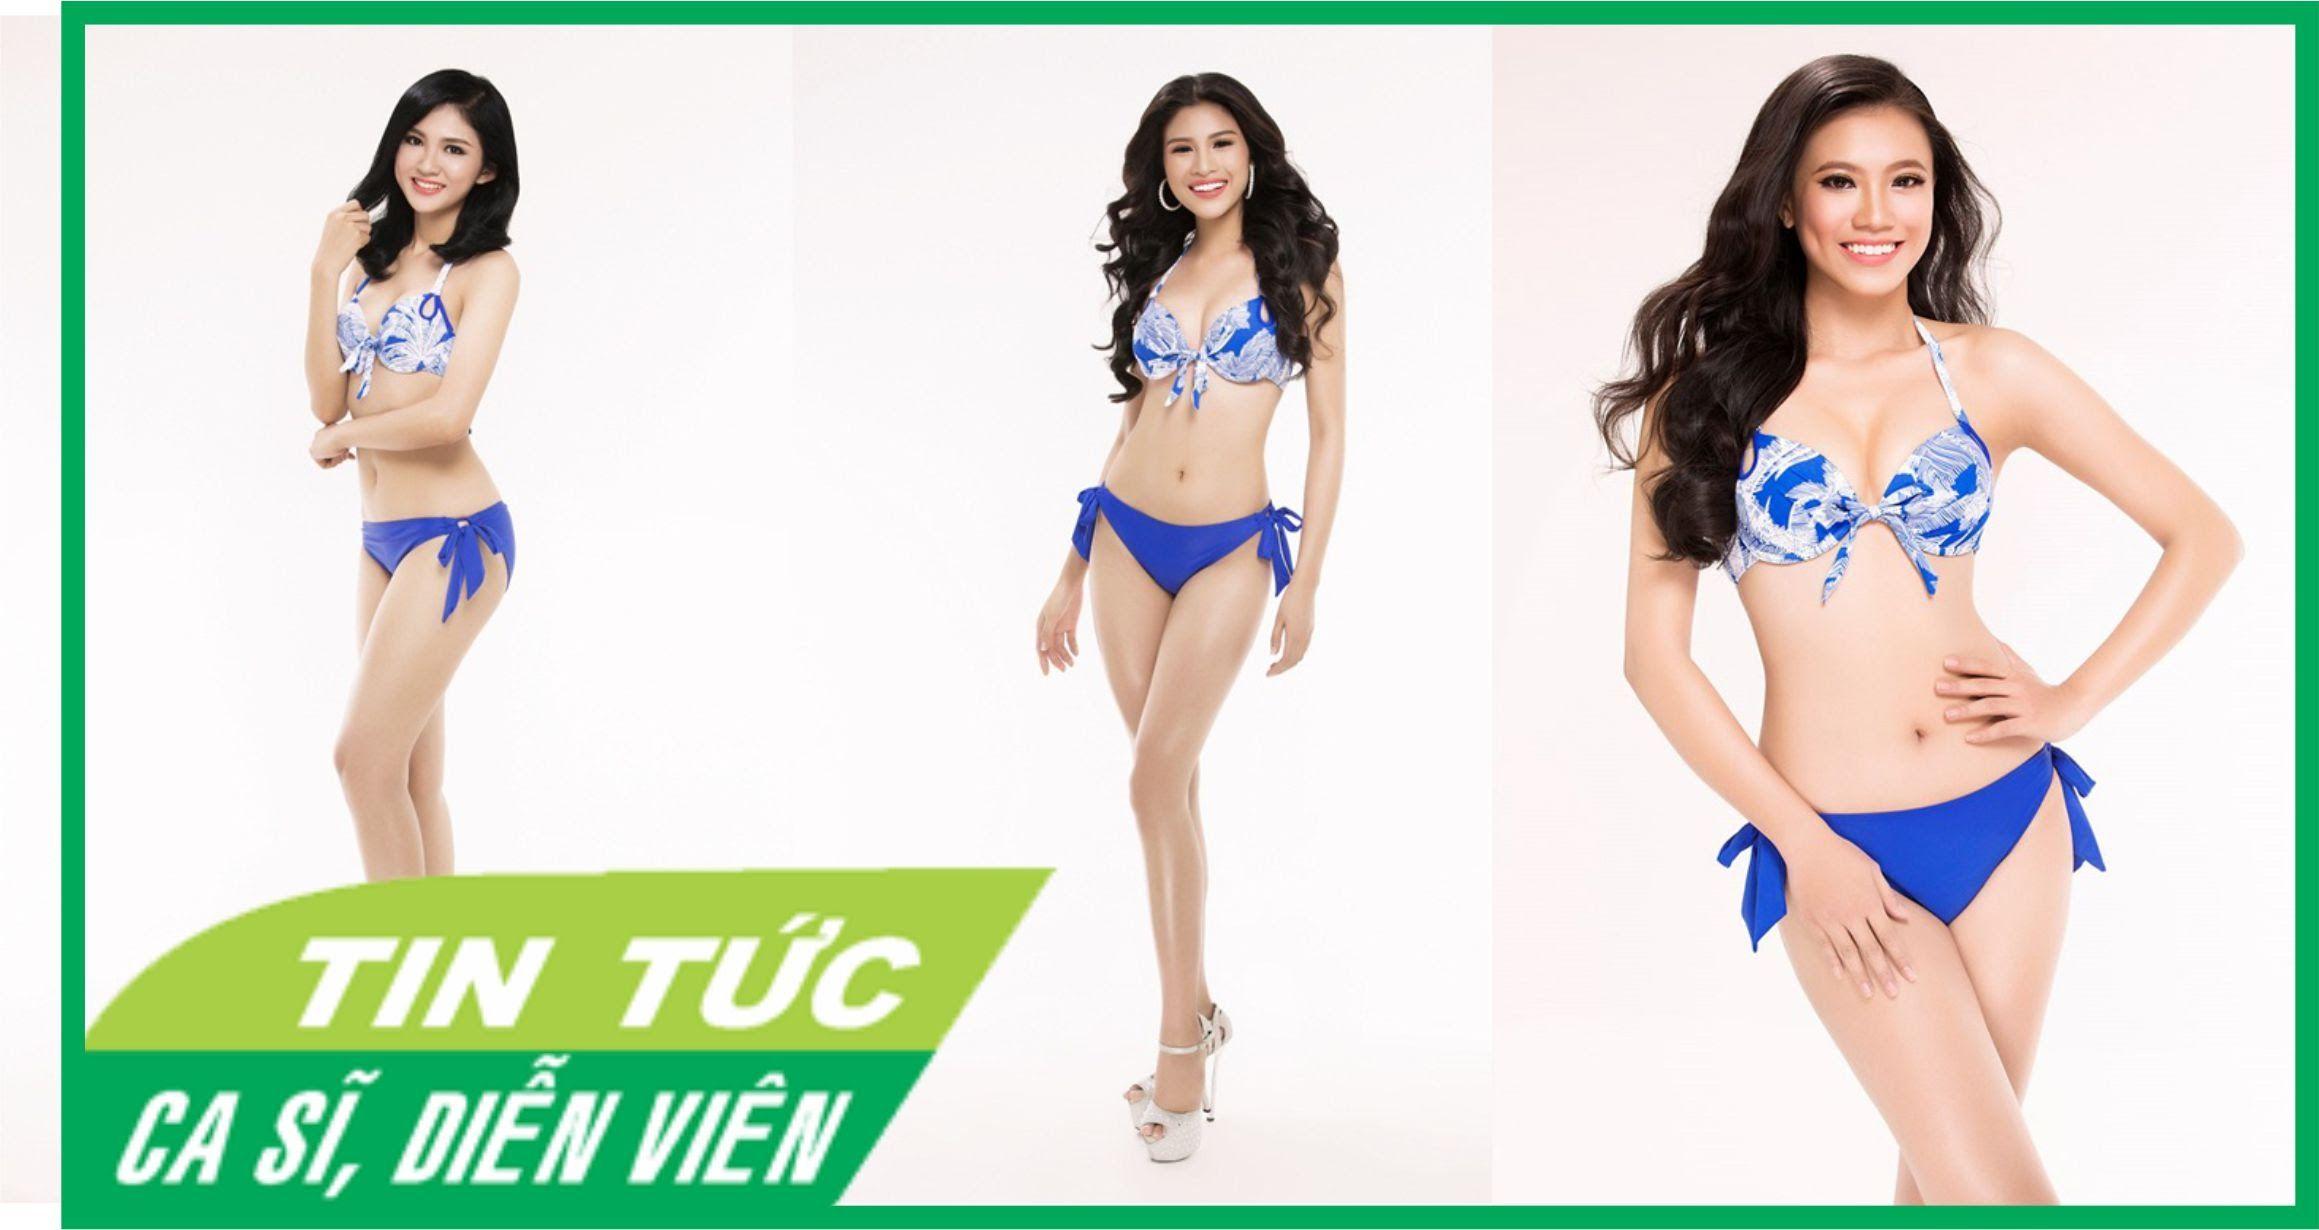 Top 30 Hoa hậu Việt Nam phía Nam nóng bỏng với áo tắm [Tin tức ca sĩ, di...